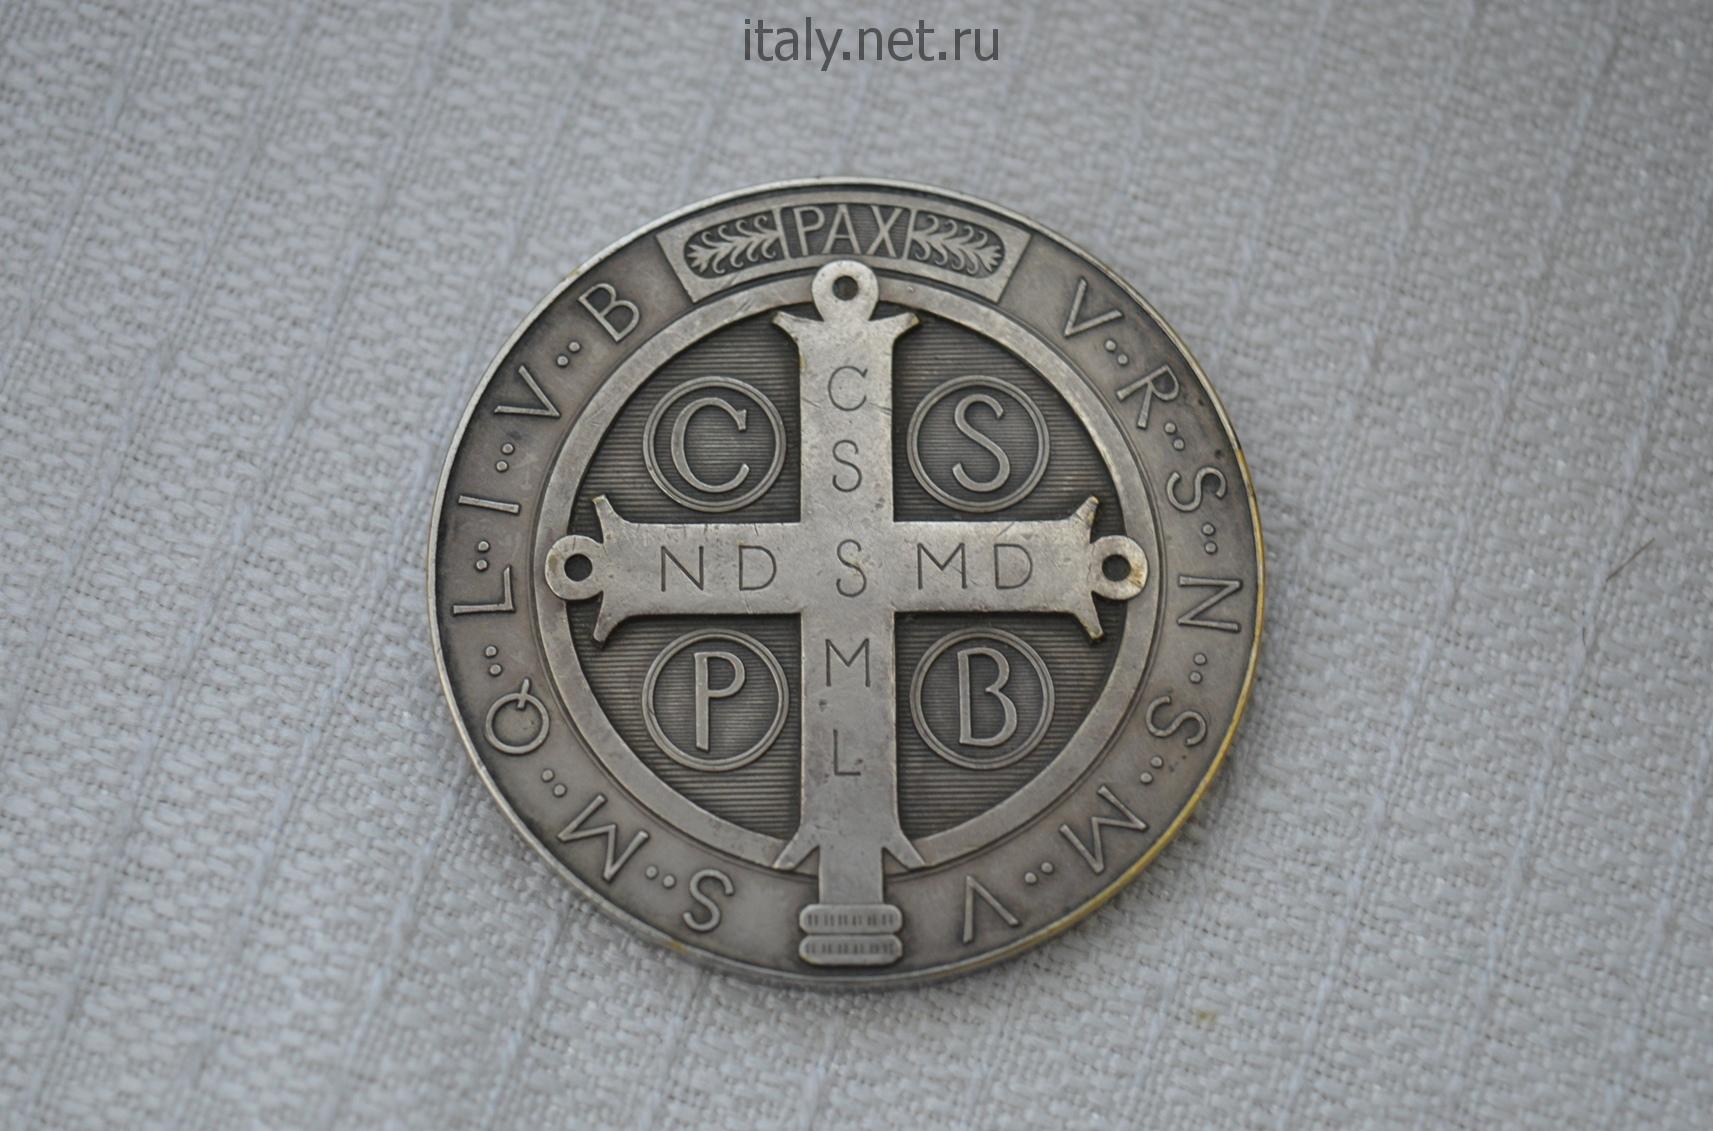 Итальянский антиквариат. Винтажный медальон старейшего католического монашеского ордена